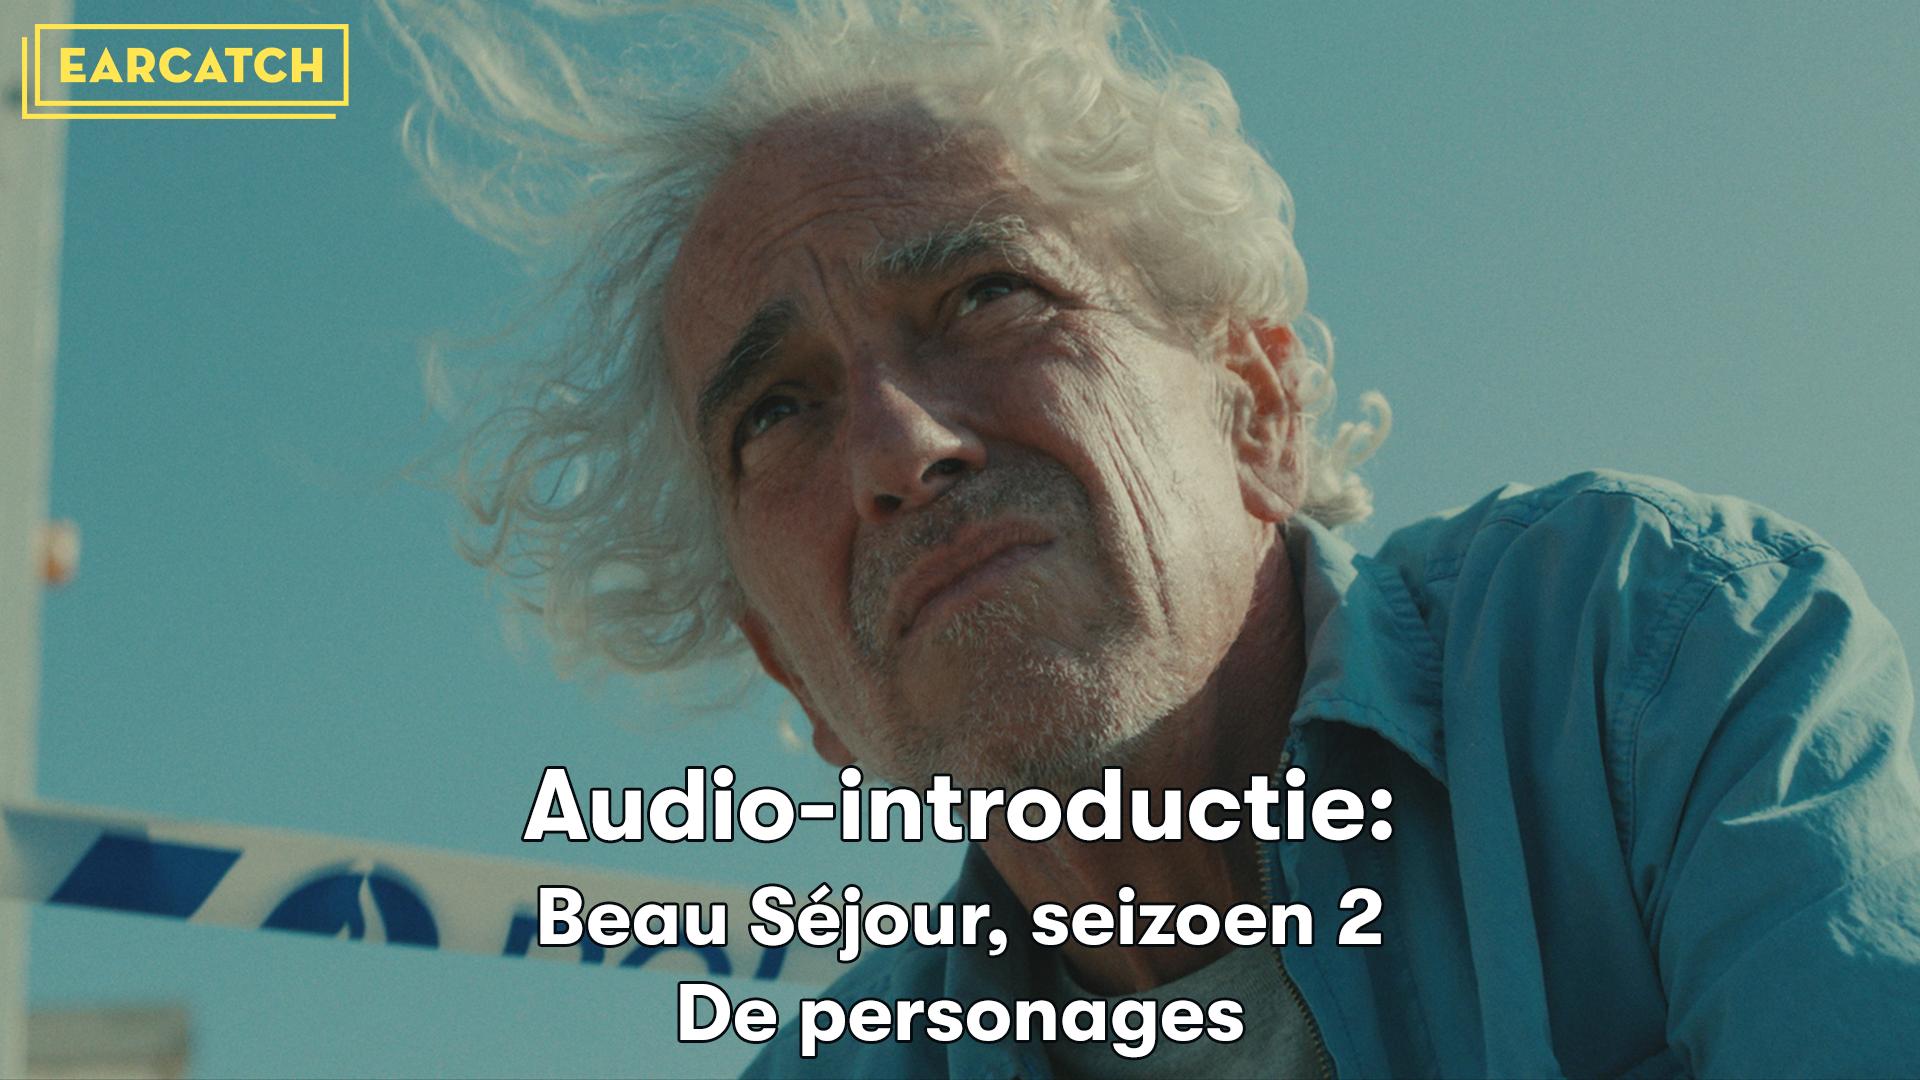 Video: Audio-introductie 3: De personages.